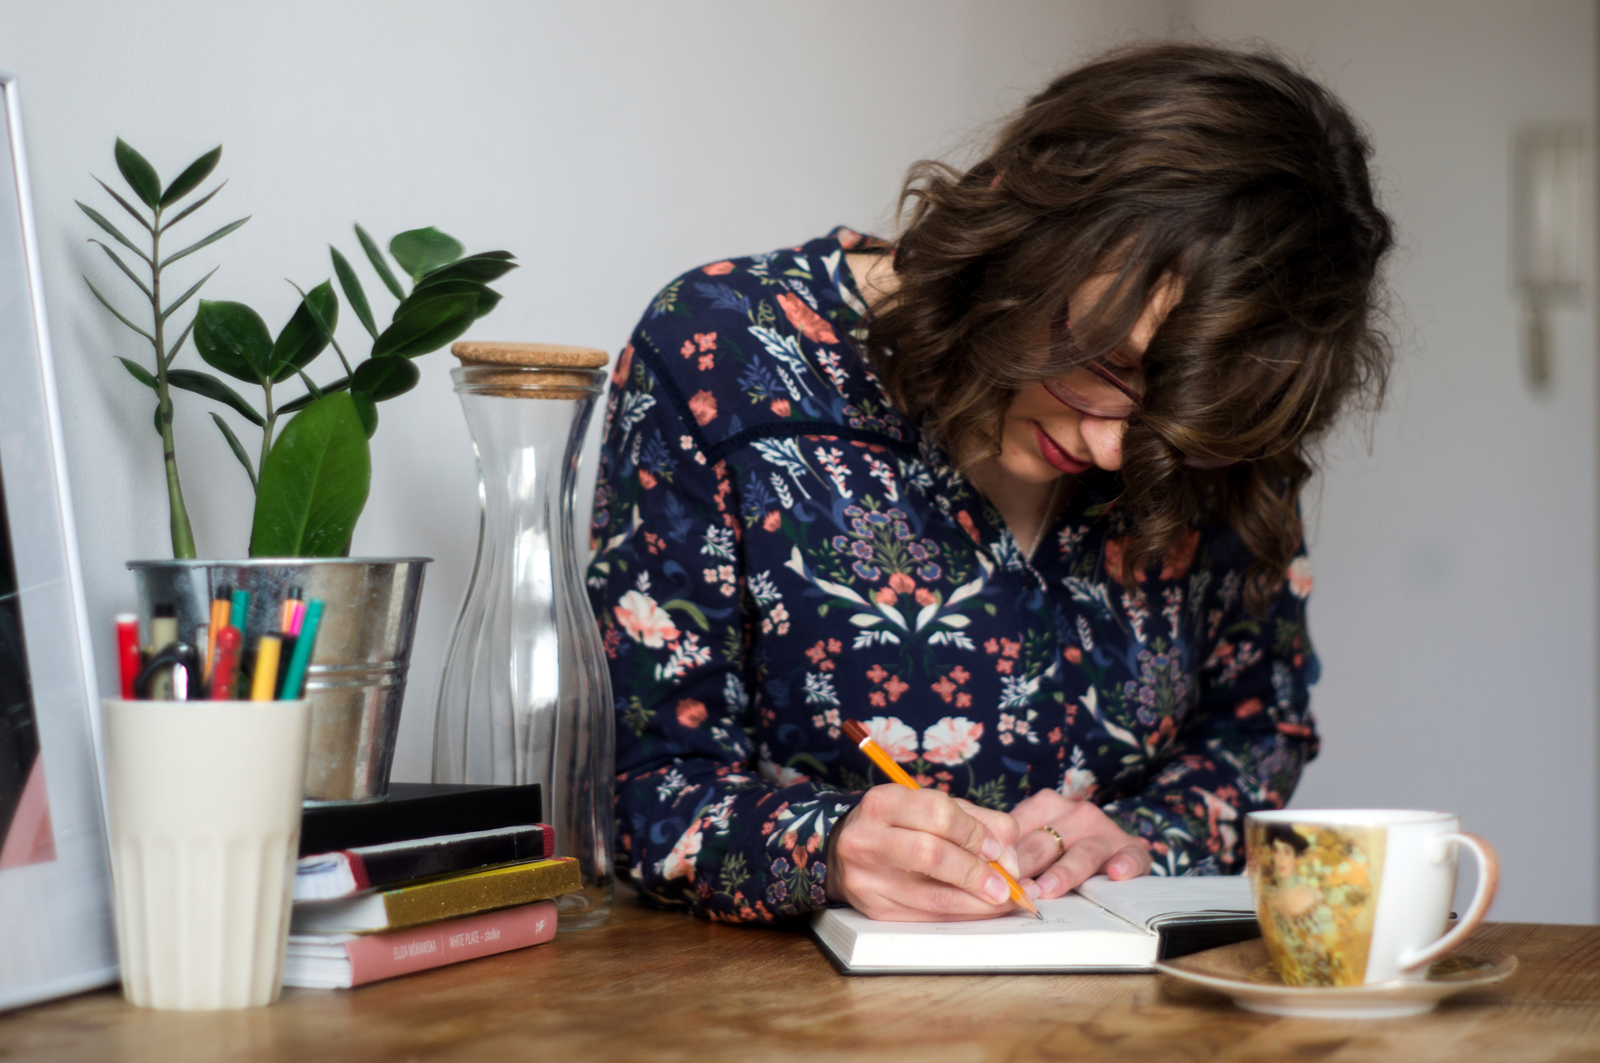 dziewczyna-pisze-pamiętnik-wspomienia-blog-zeszyt-szkoła